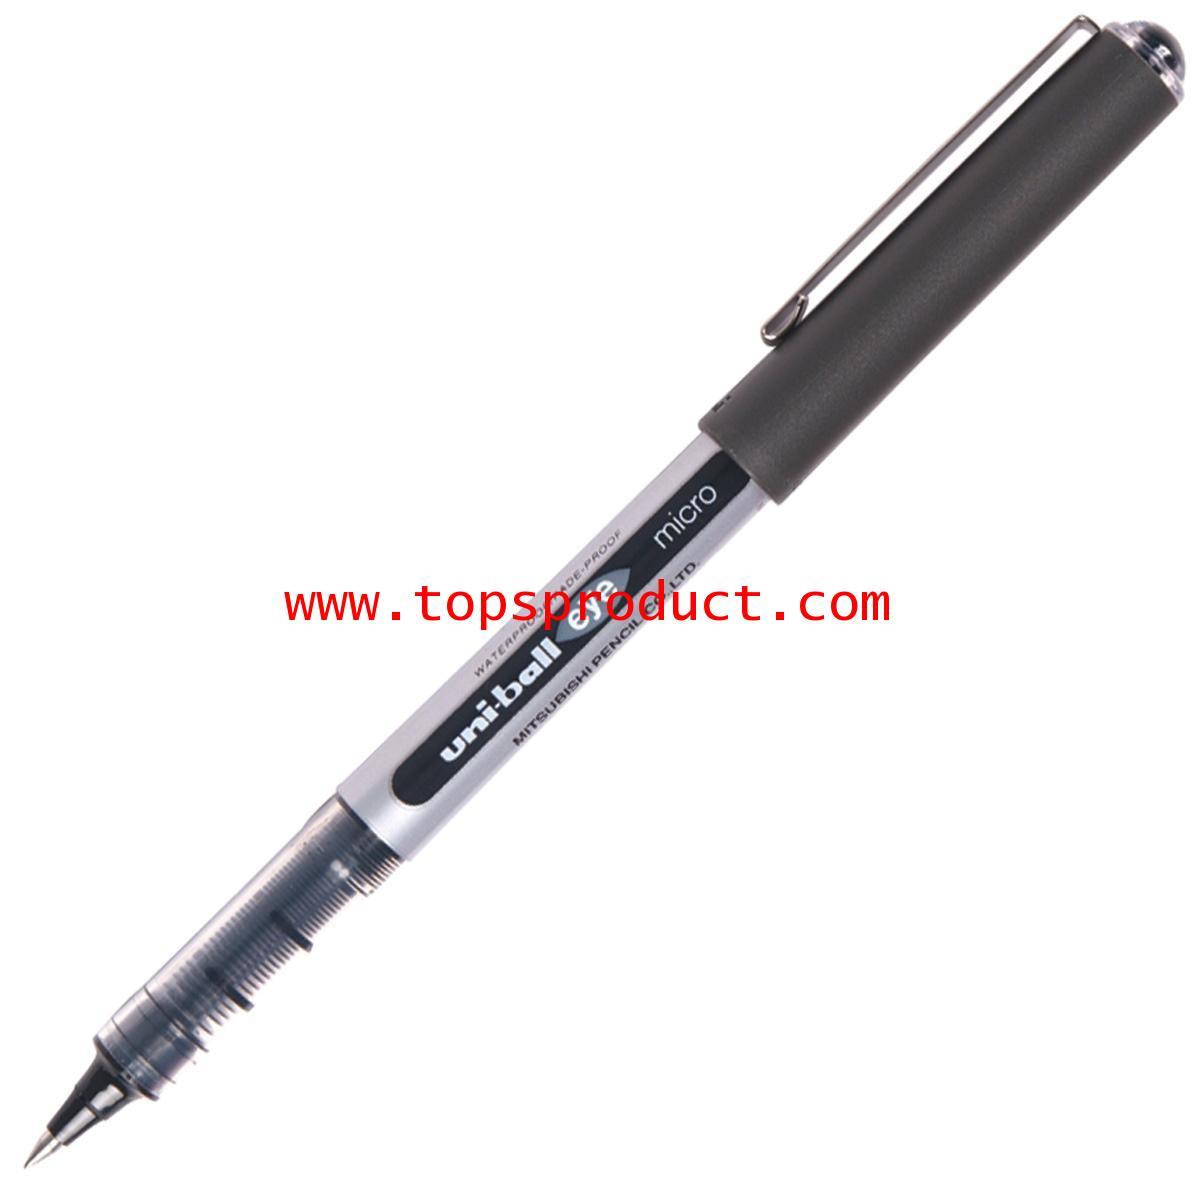 ปากกาโรลเลอร์บอล 0.5 มม.ดำ ยูนิ Eye Micro UB-150